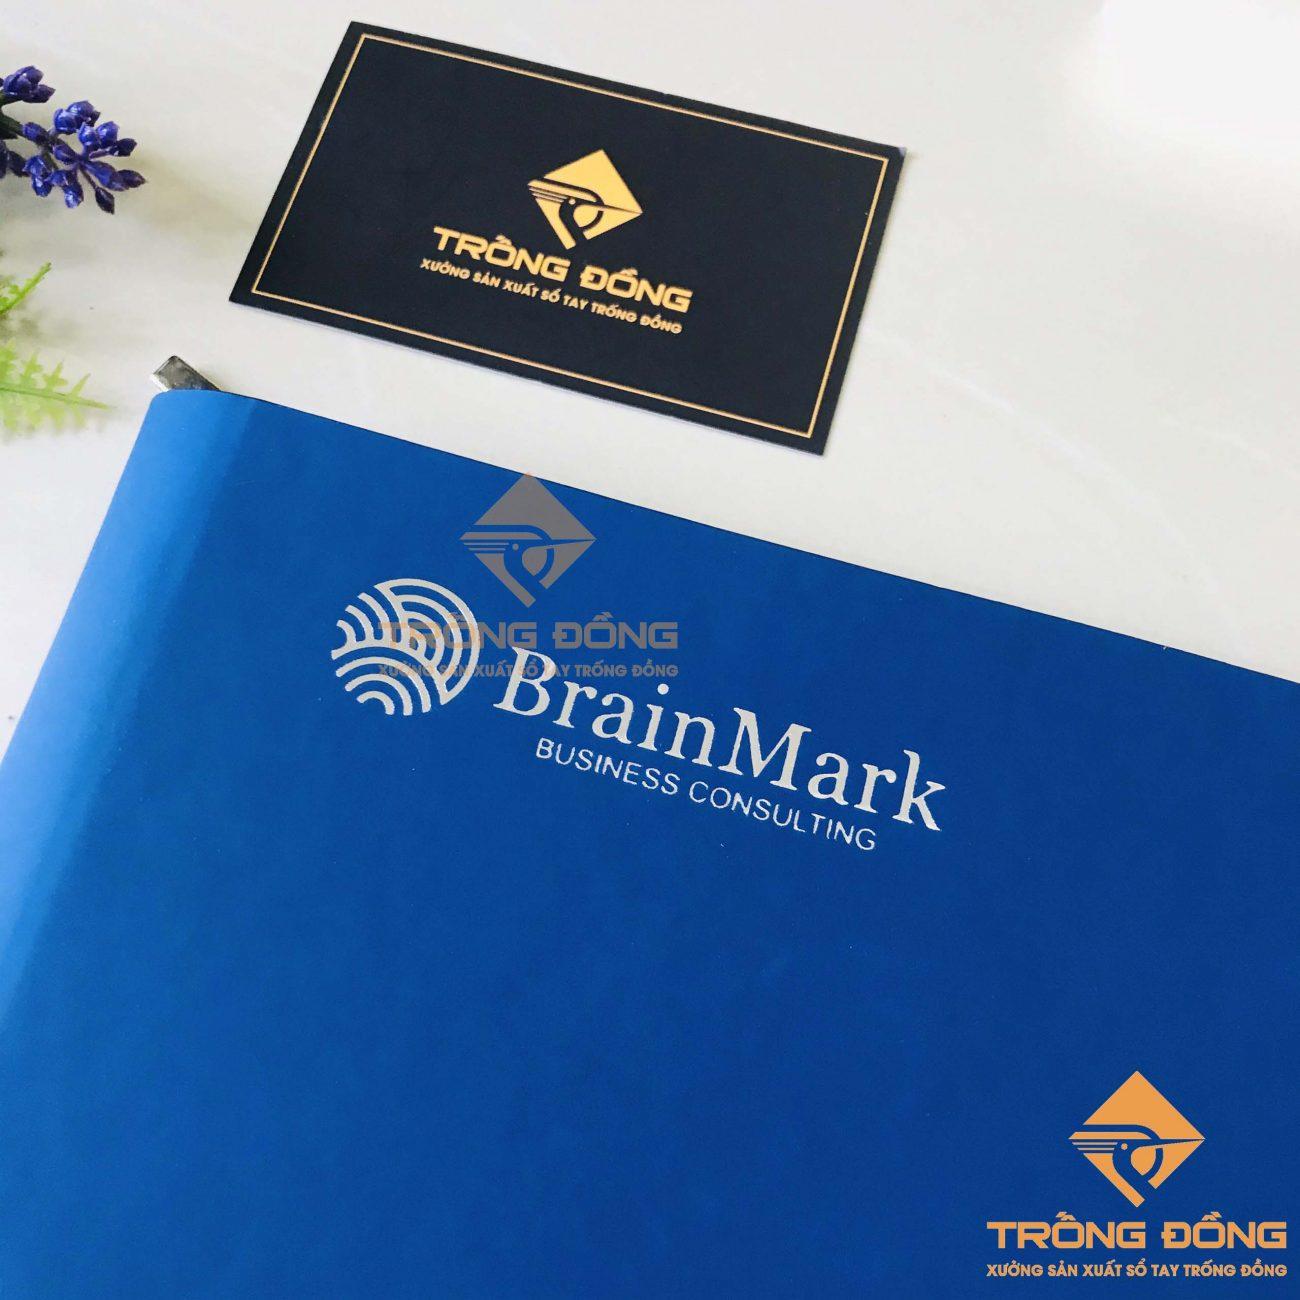 Logo được ép nhũ bạc nổi bật trên nền da màu xanh dương mang lại cảm giác sang trọng và thanh lịch.